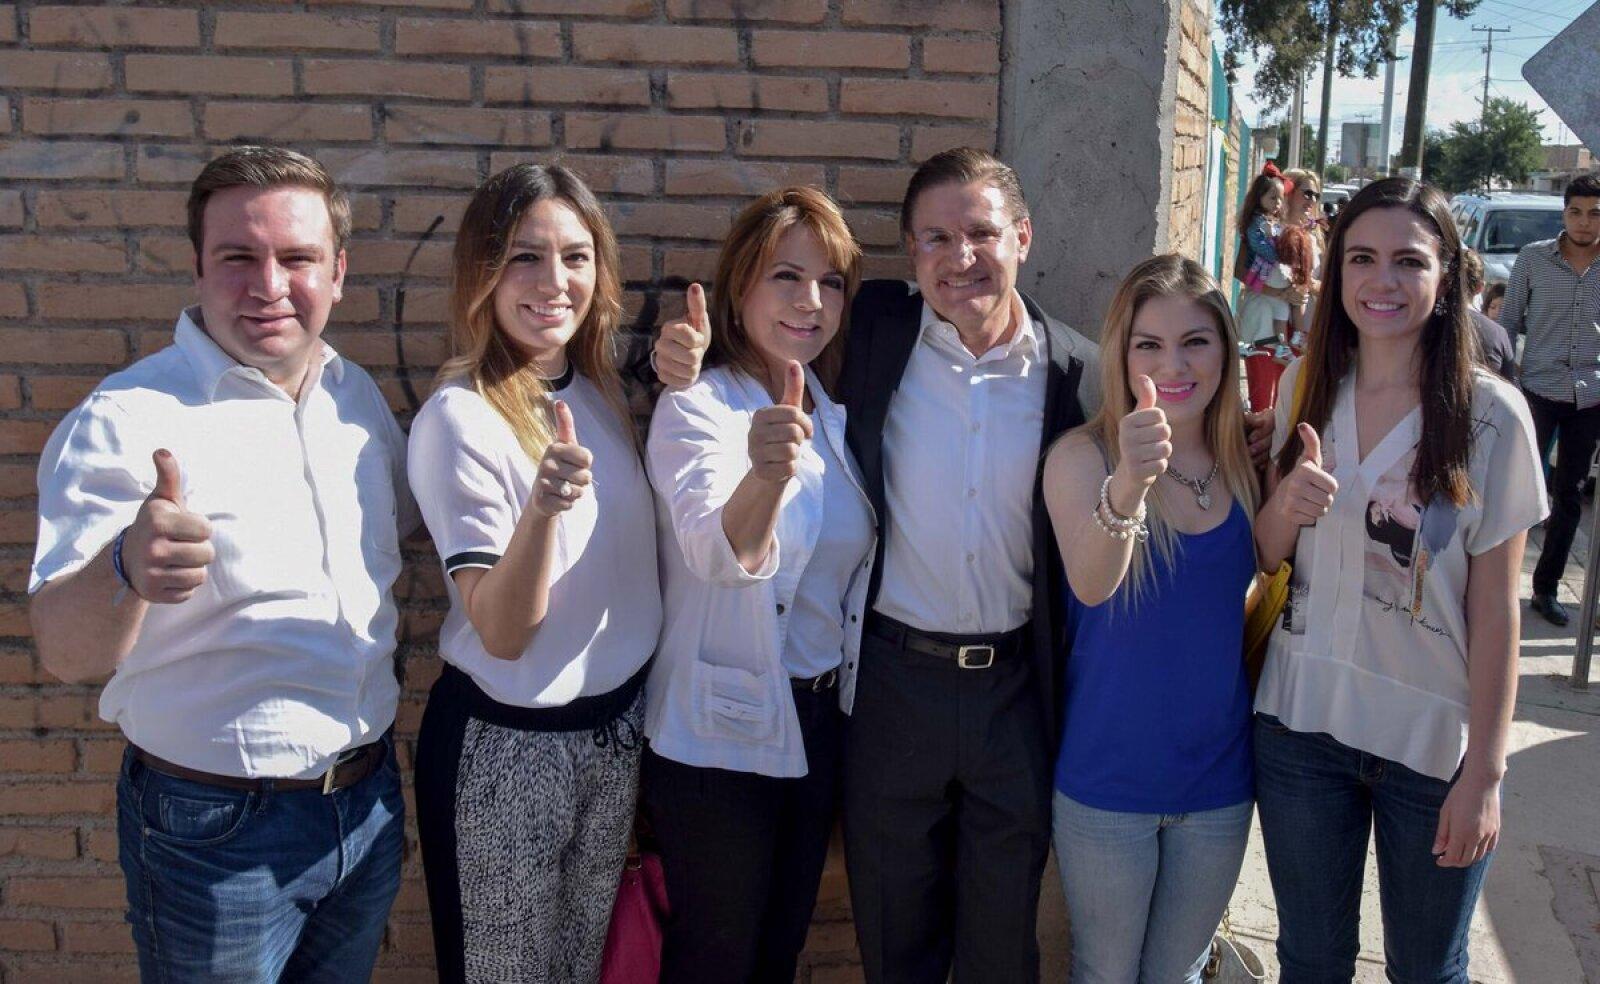 El candidato panista a gobernador por el estado de Durango, José Aispuro, emitió su voto acompañado por su familia y reafirmó su compromiso con el estado y su gente.